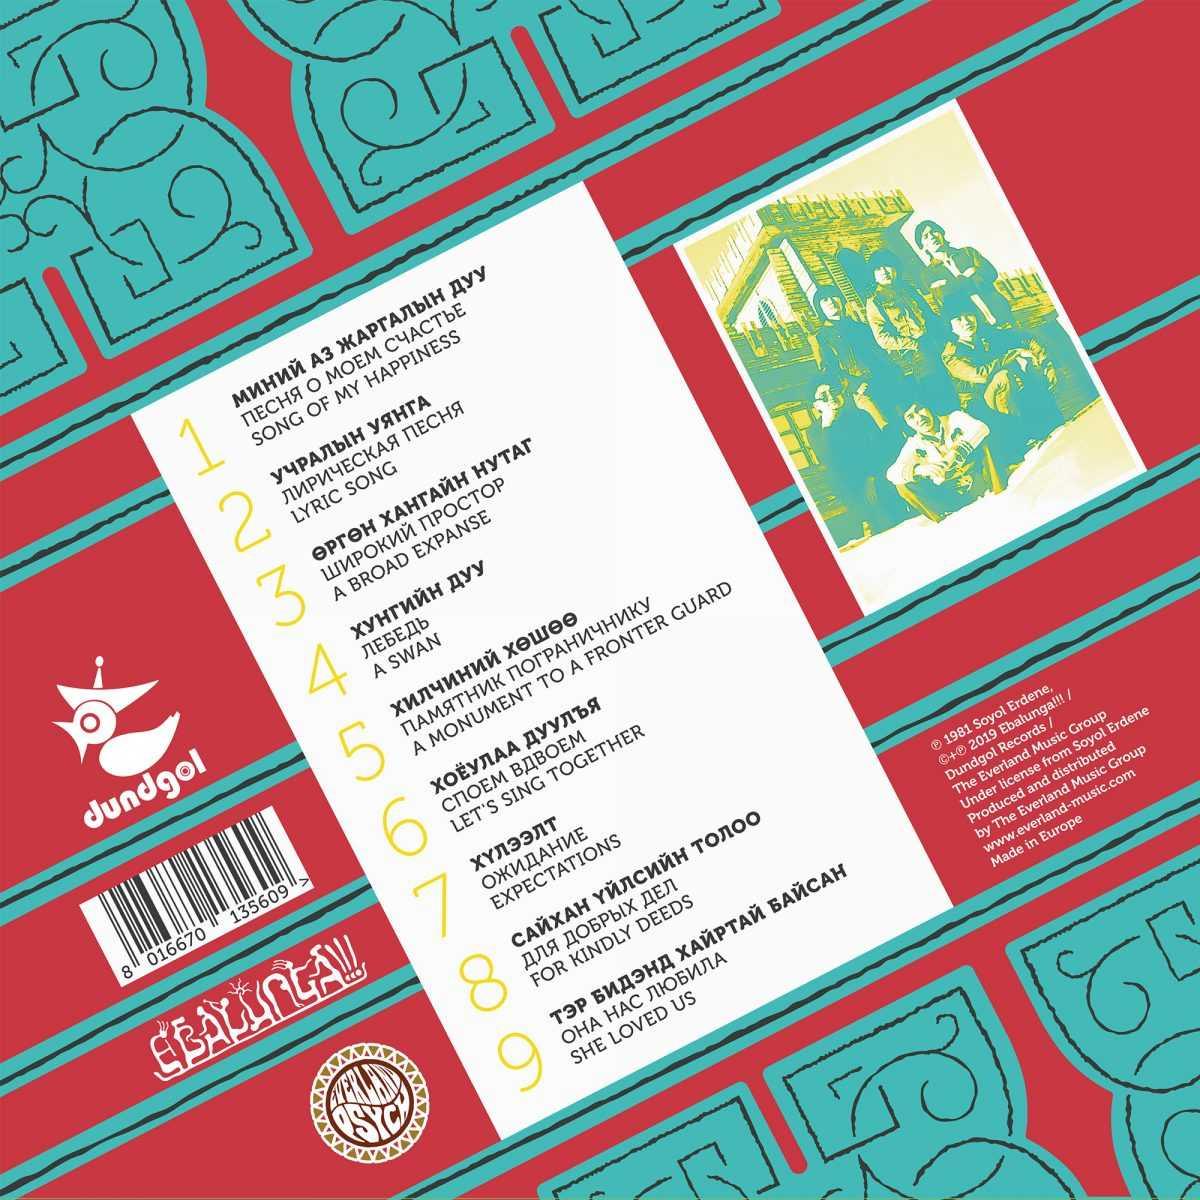 SOYOL ERDENE (Vinyl, CD, download) | Everland Music